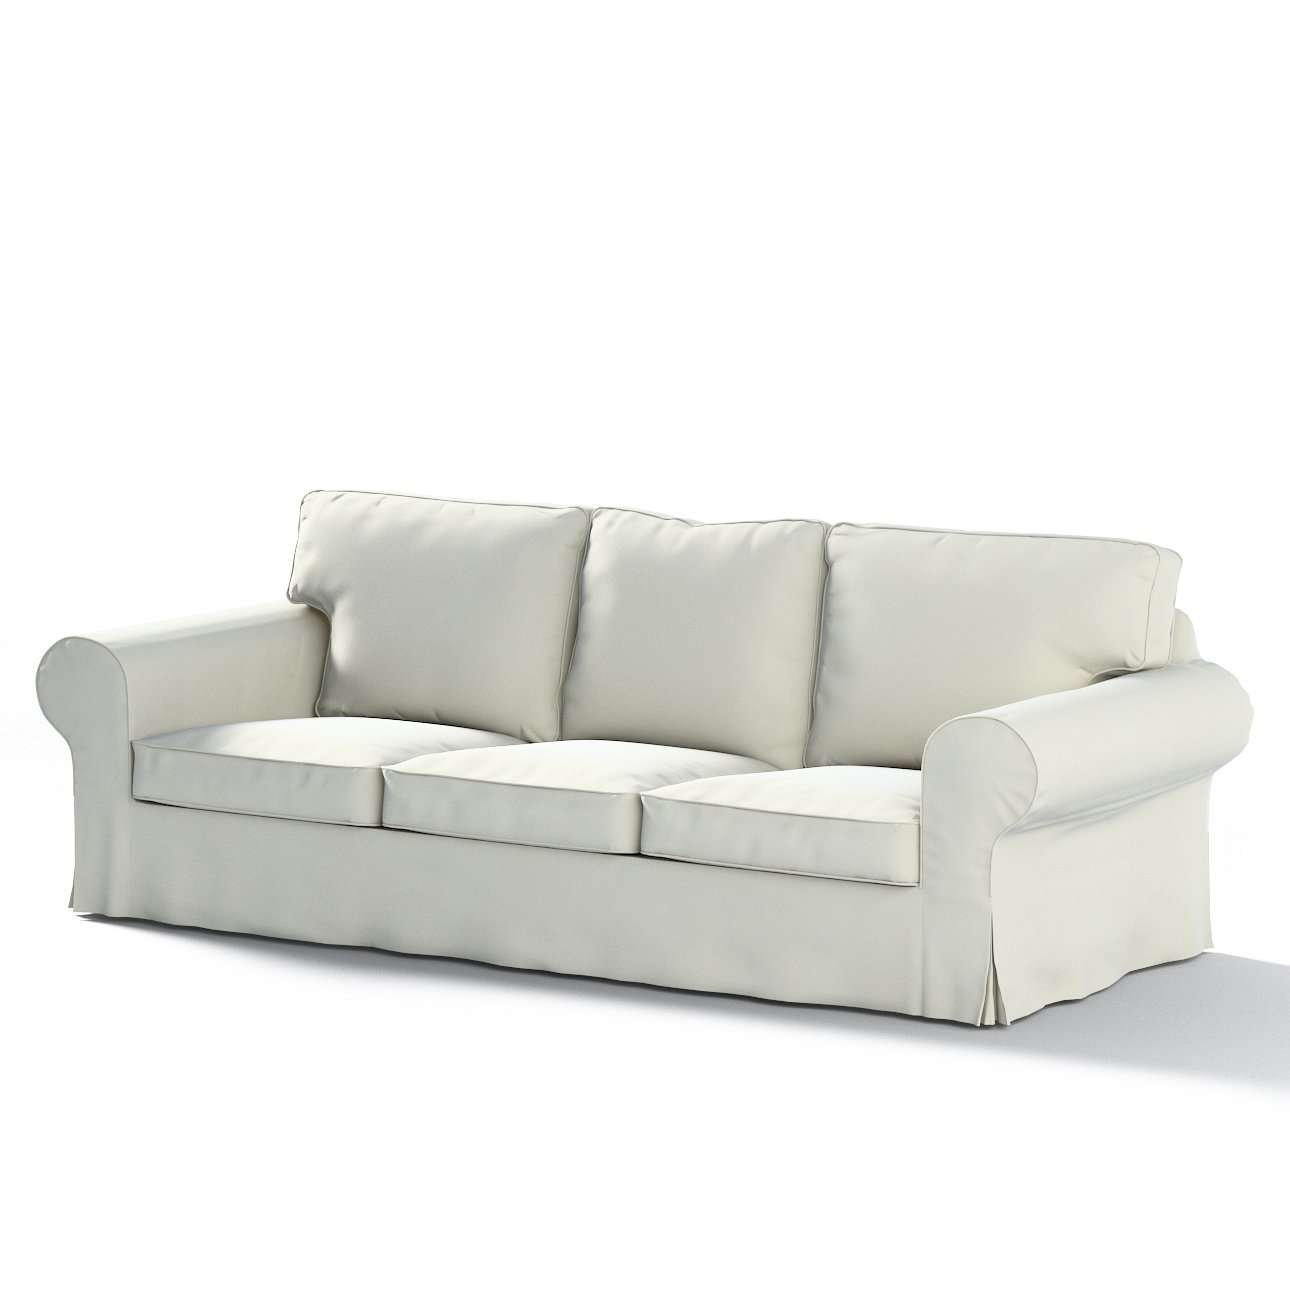 ektorp velvet altwei ektorp 2 sitzer schlafsofabezug altes modell. Black Bedroom Furniture Sets. Home Design Ideas